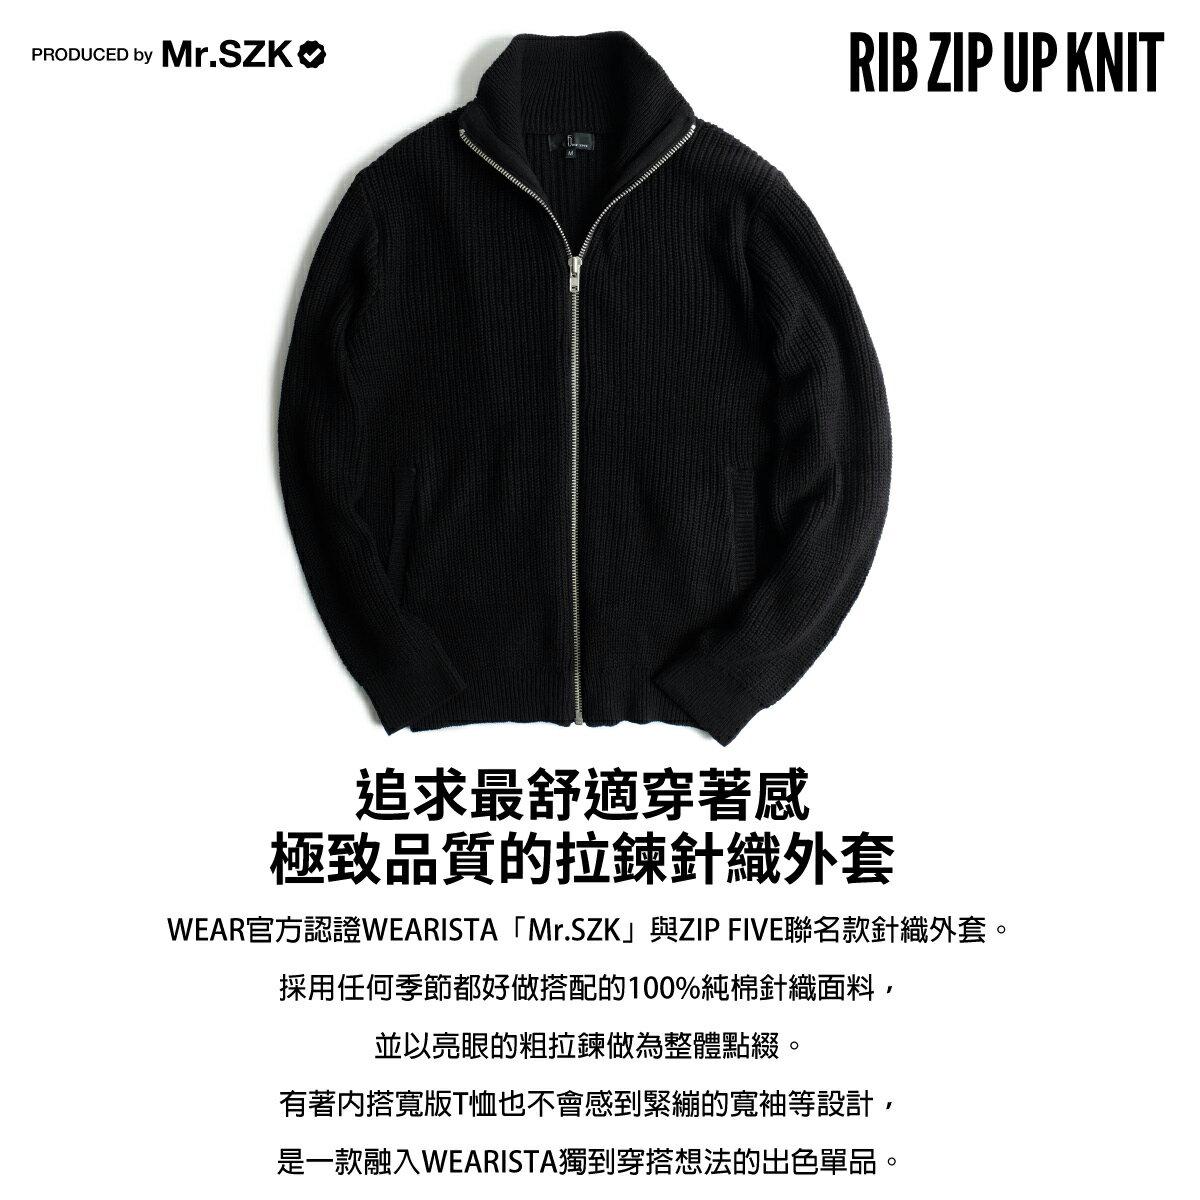 黑色針織外套 Mr.SZK聯名款 5